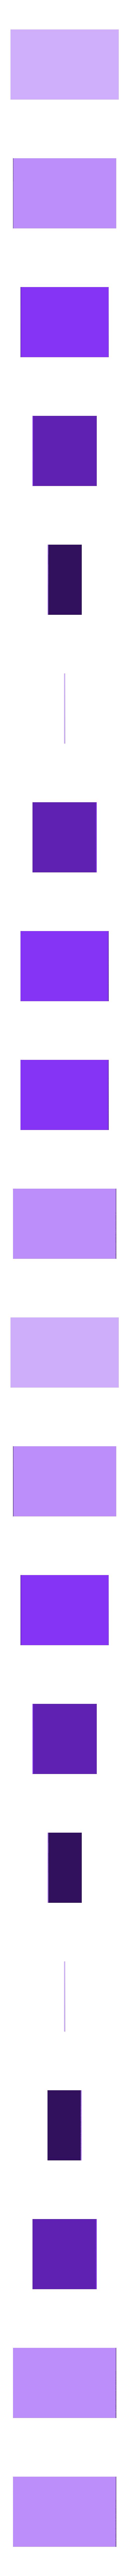 Got7_back.stl Télécharger fichier STL gratuit Got7 Silhouette • Design à imprimer en 3D, CheesmondN